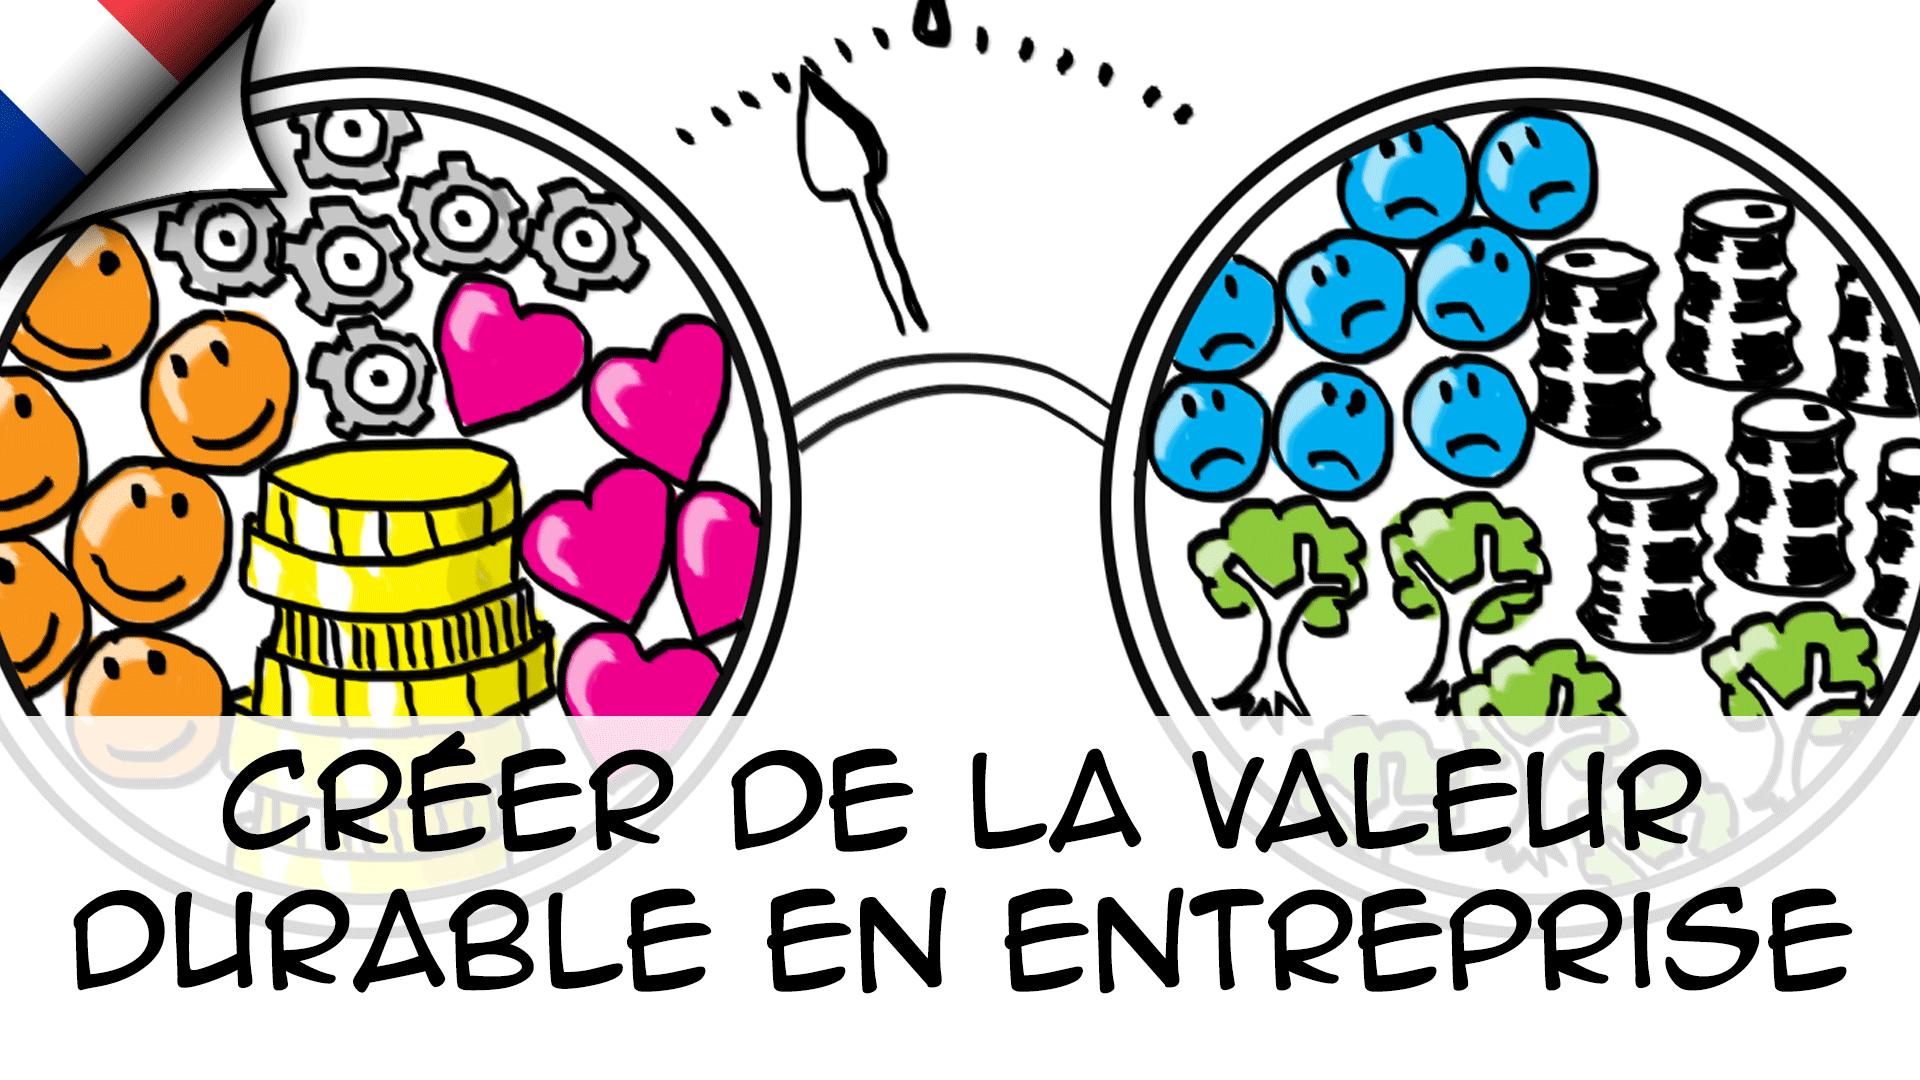 Créer de la valeur durable en entreprise